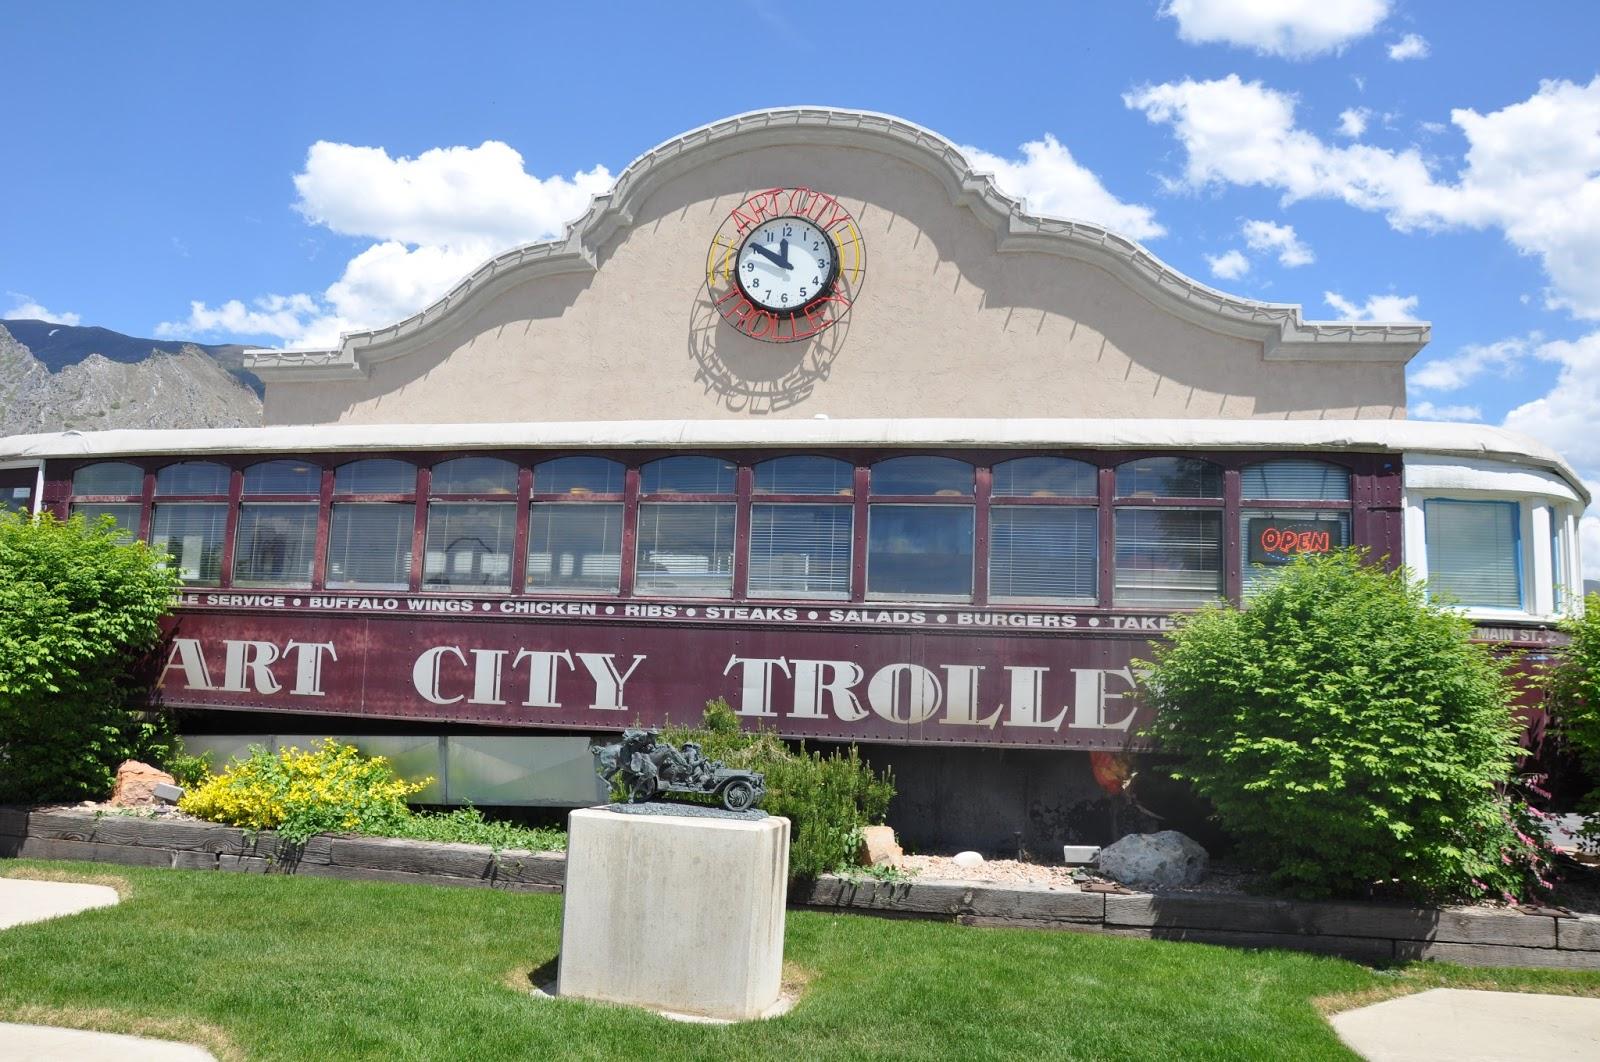 Art City Trolley Springville Utah